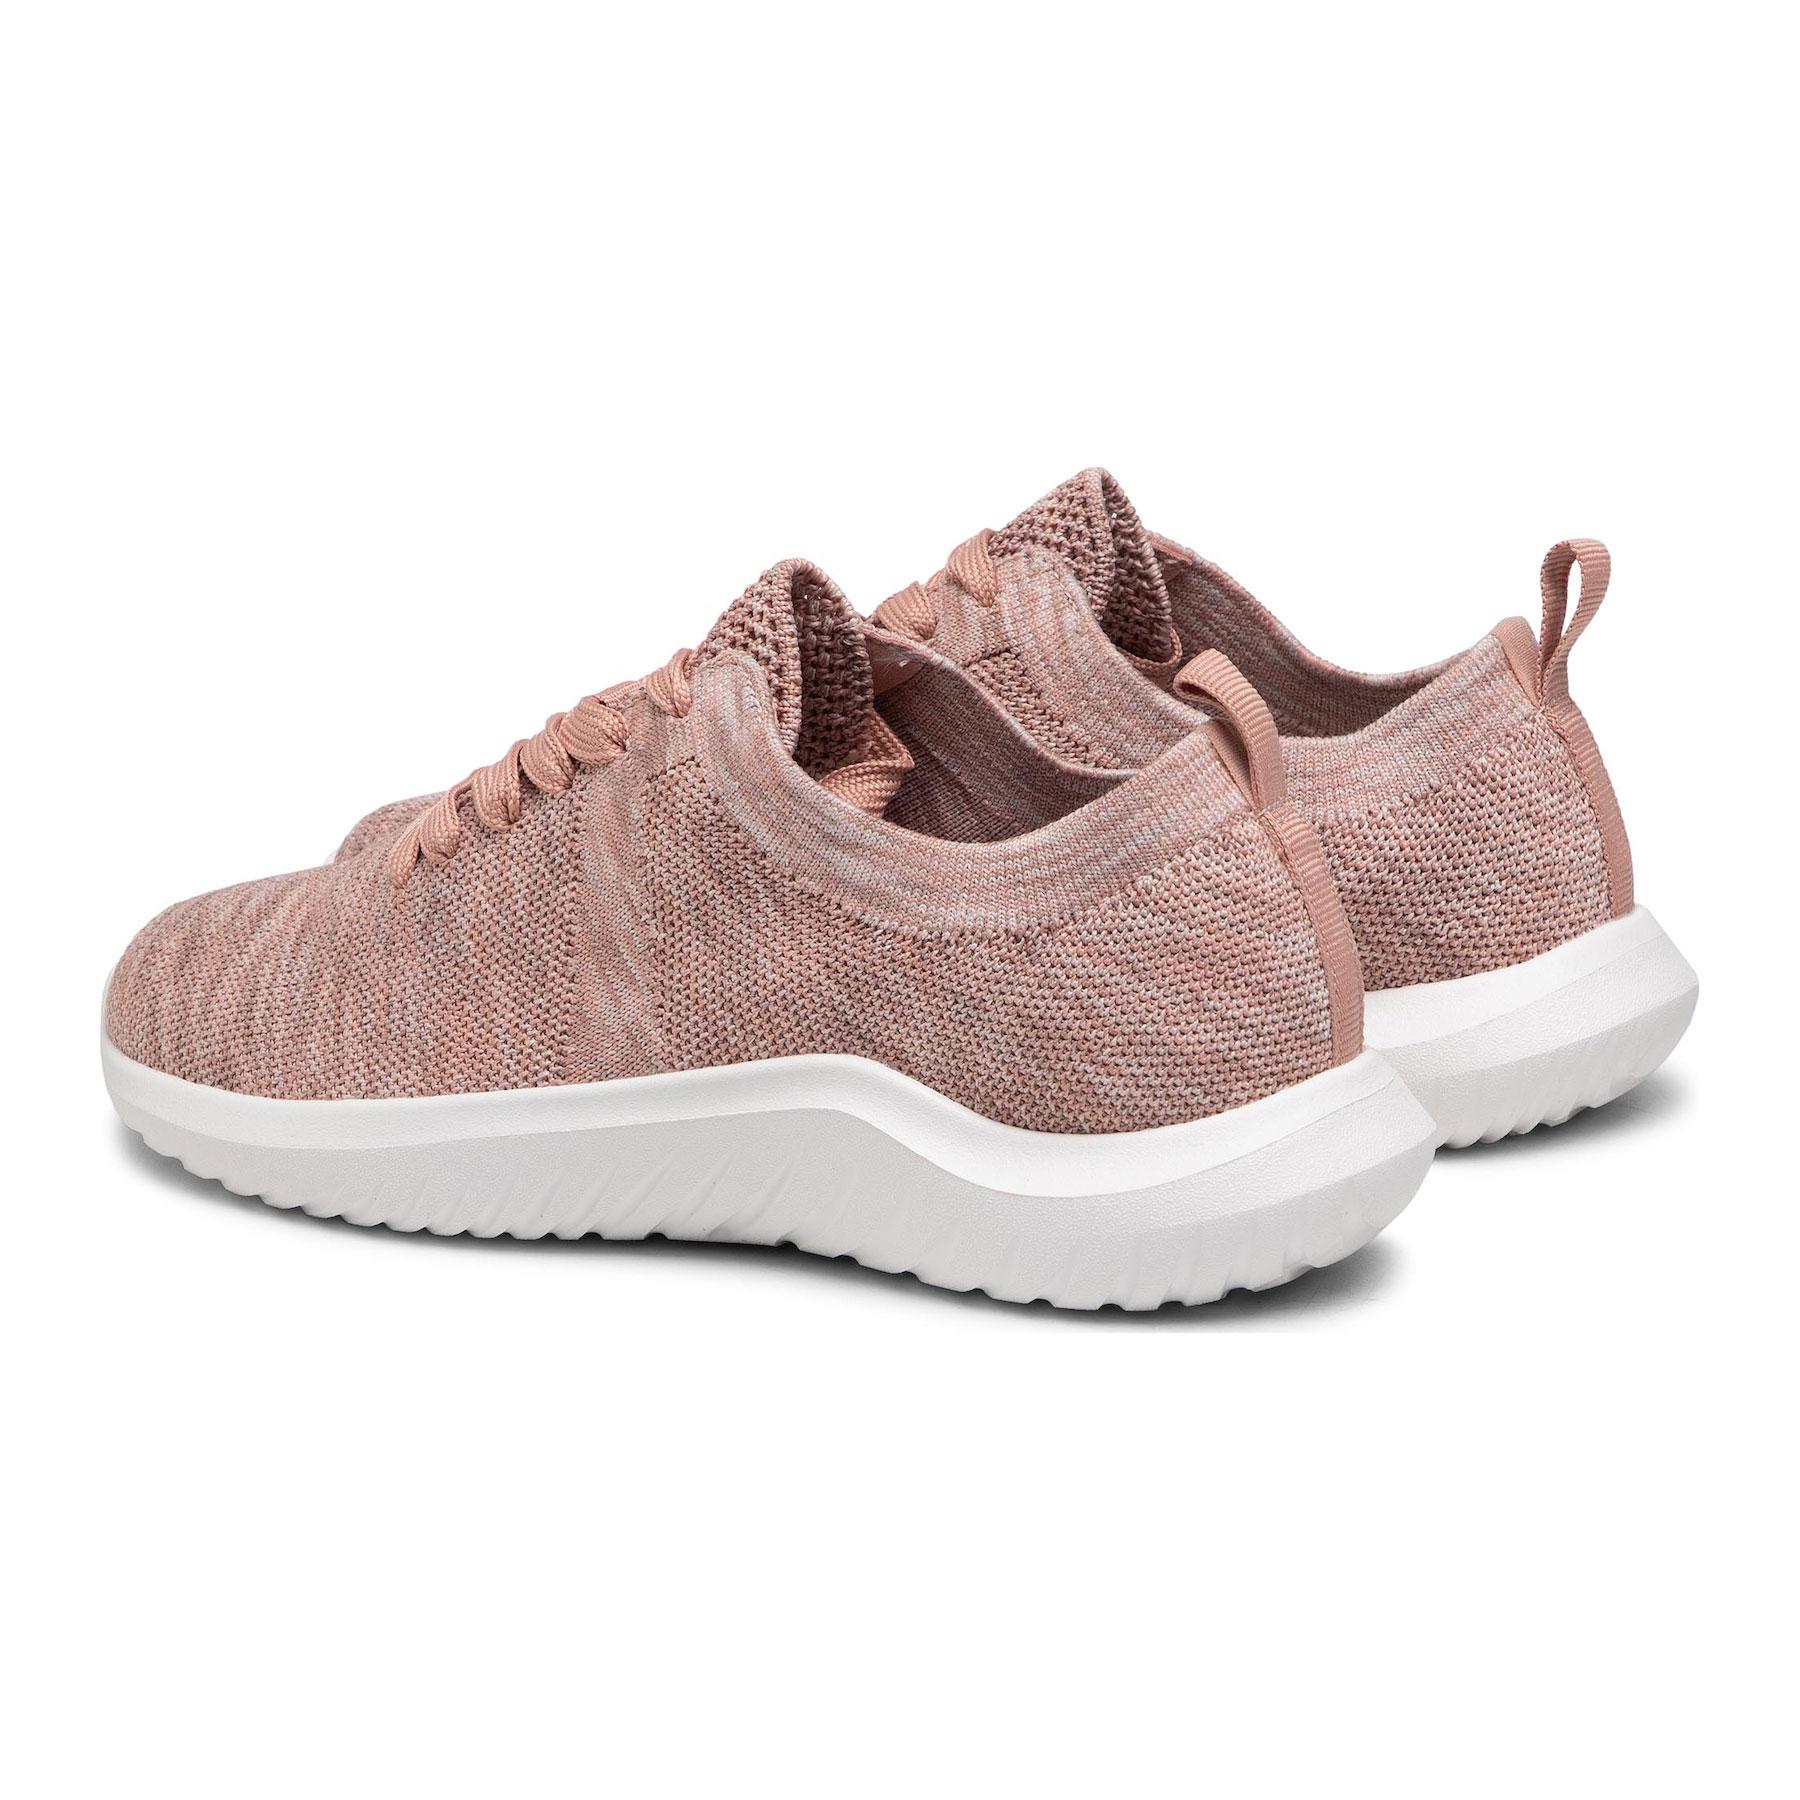 Дамски спортни обувки от текстил Clarks Nova Glint светло розово - снимка 12